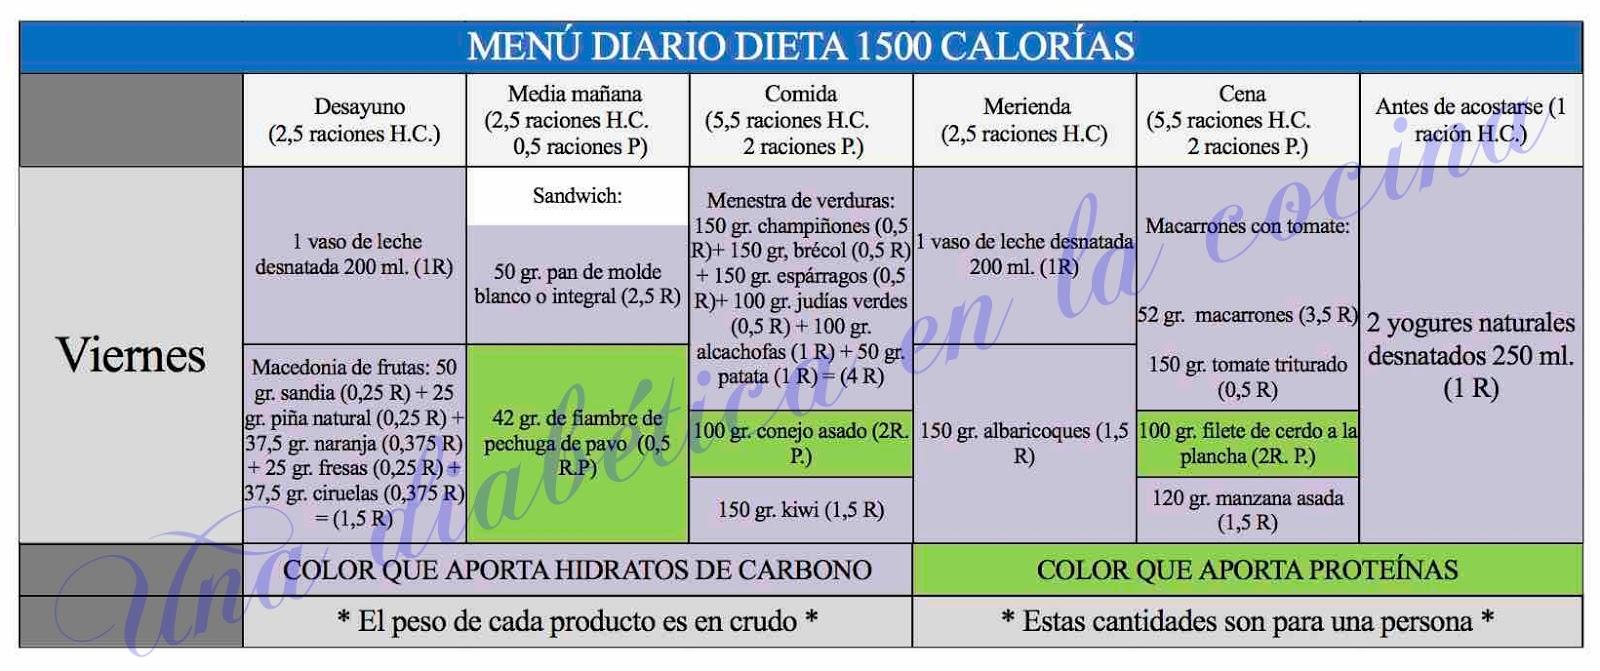 menu 1500 calorias diabeticos